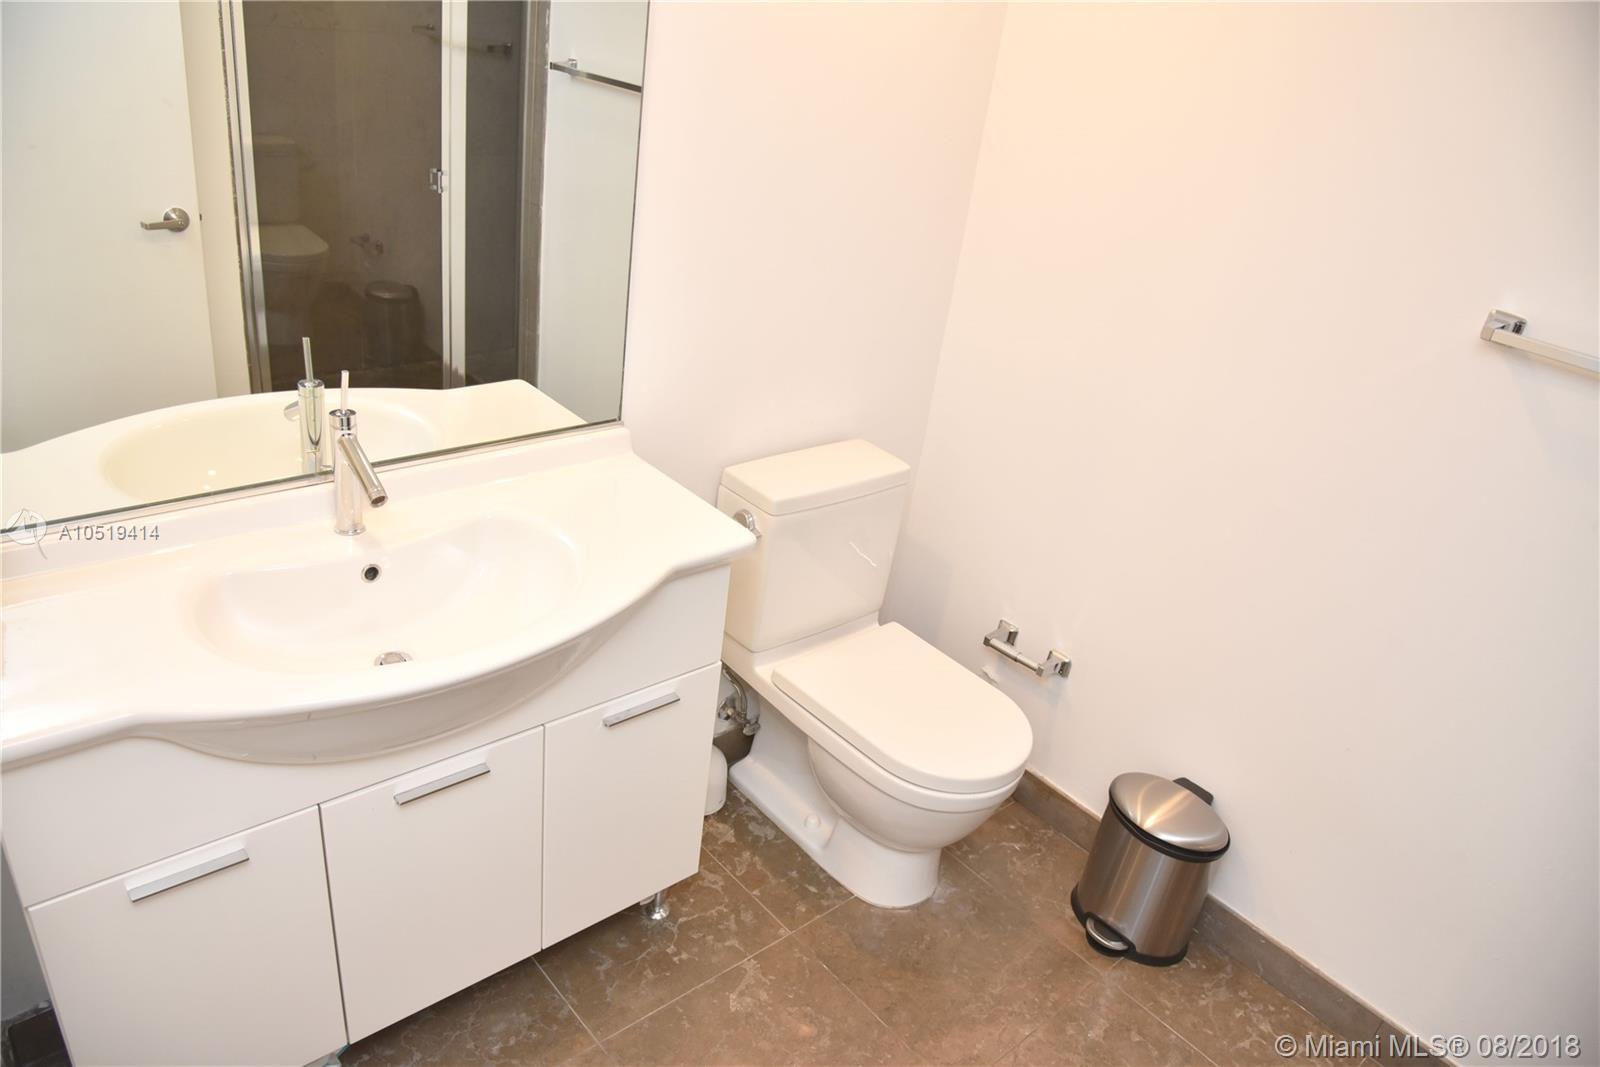 465 Brickell Ave, Miami, FL 33131, Icon Brickell I #1002, Brickell, Miami A10519414 image #6